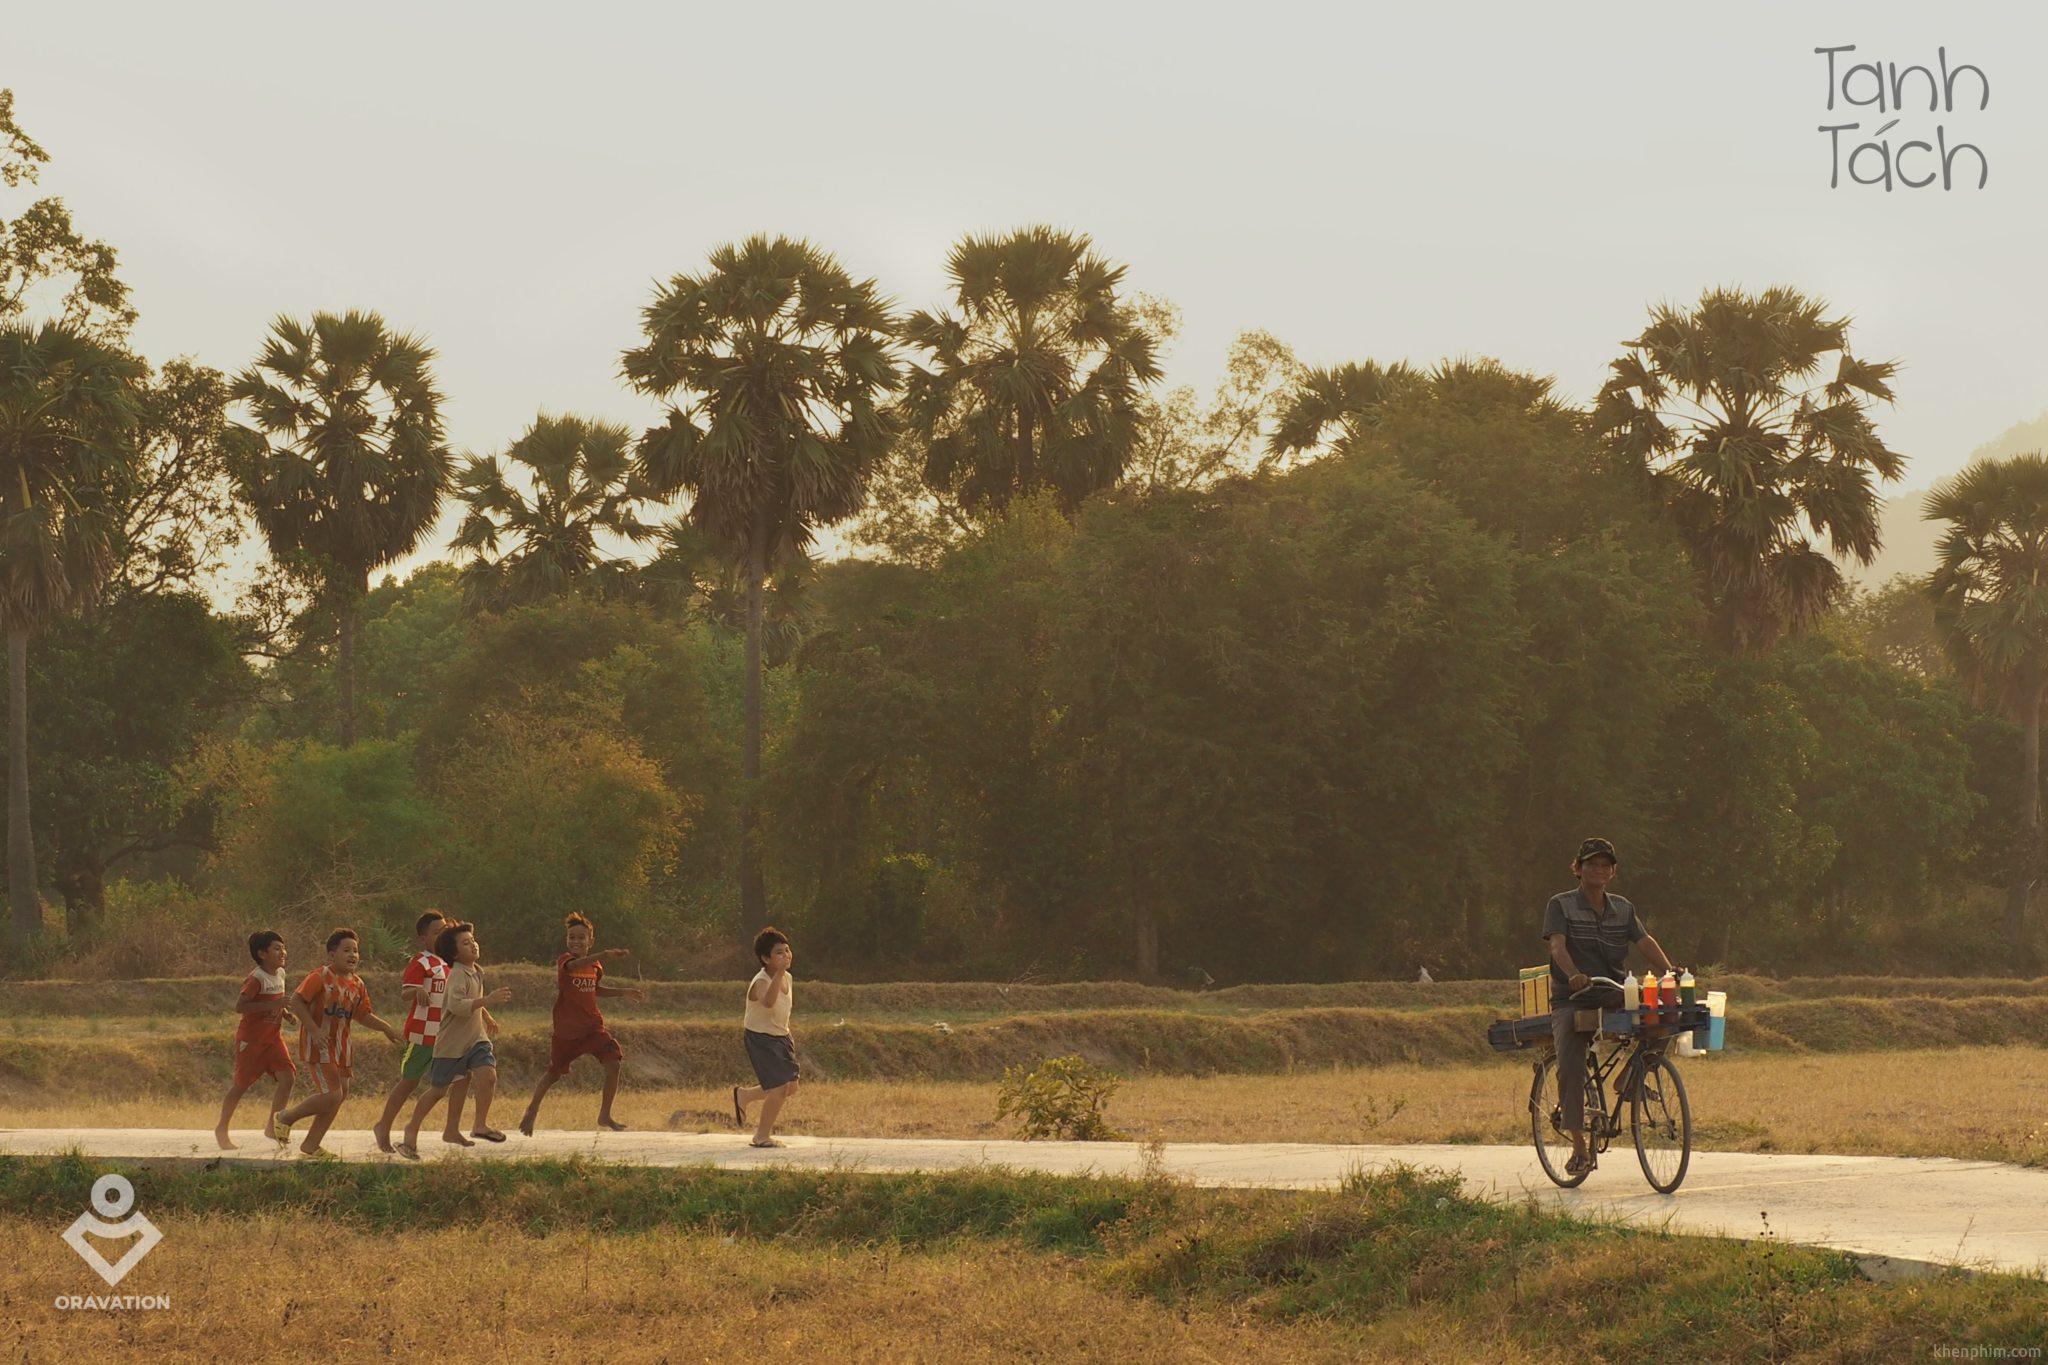 Bối cảnh làng quê thanh bình trong phim Tanh Tách